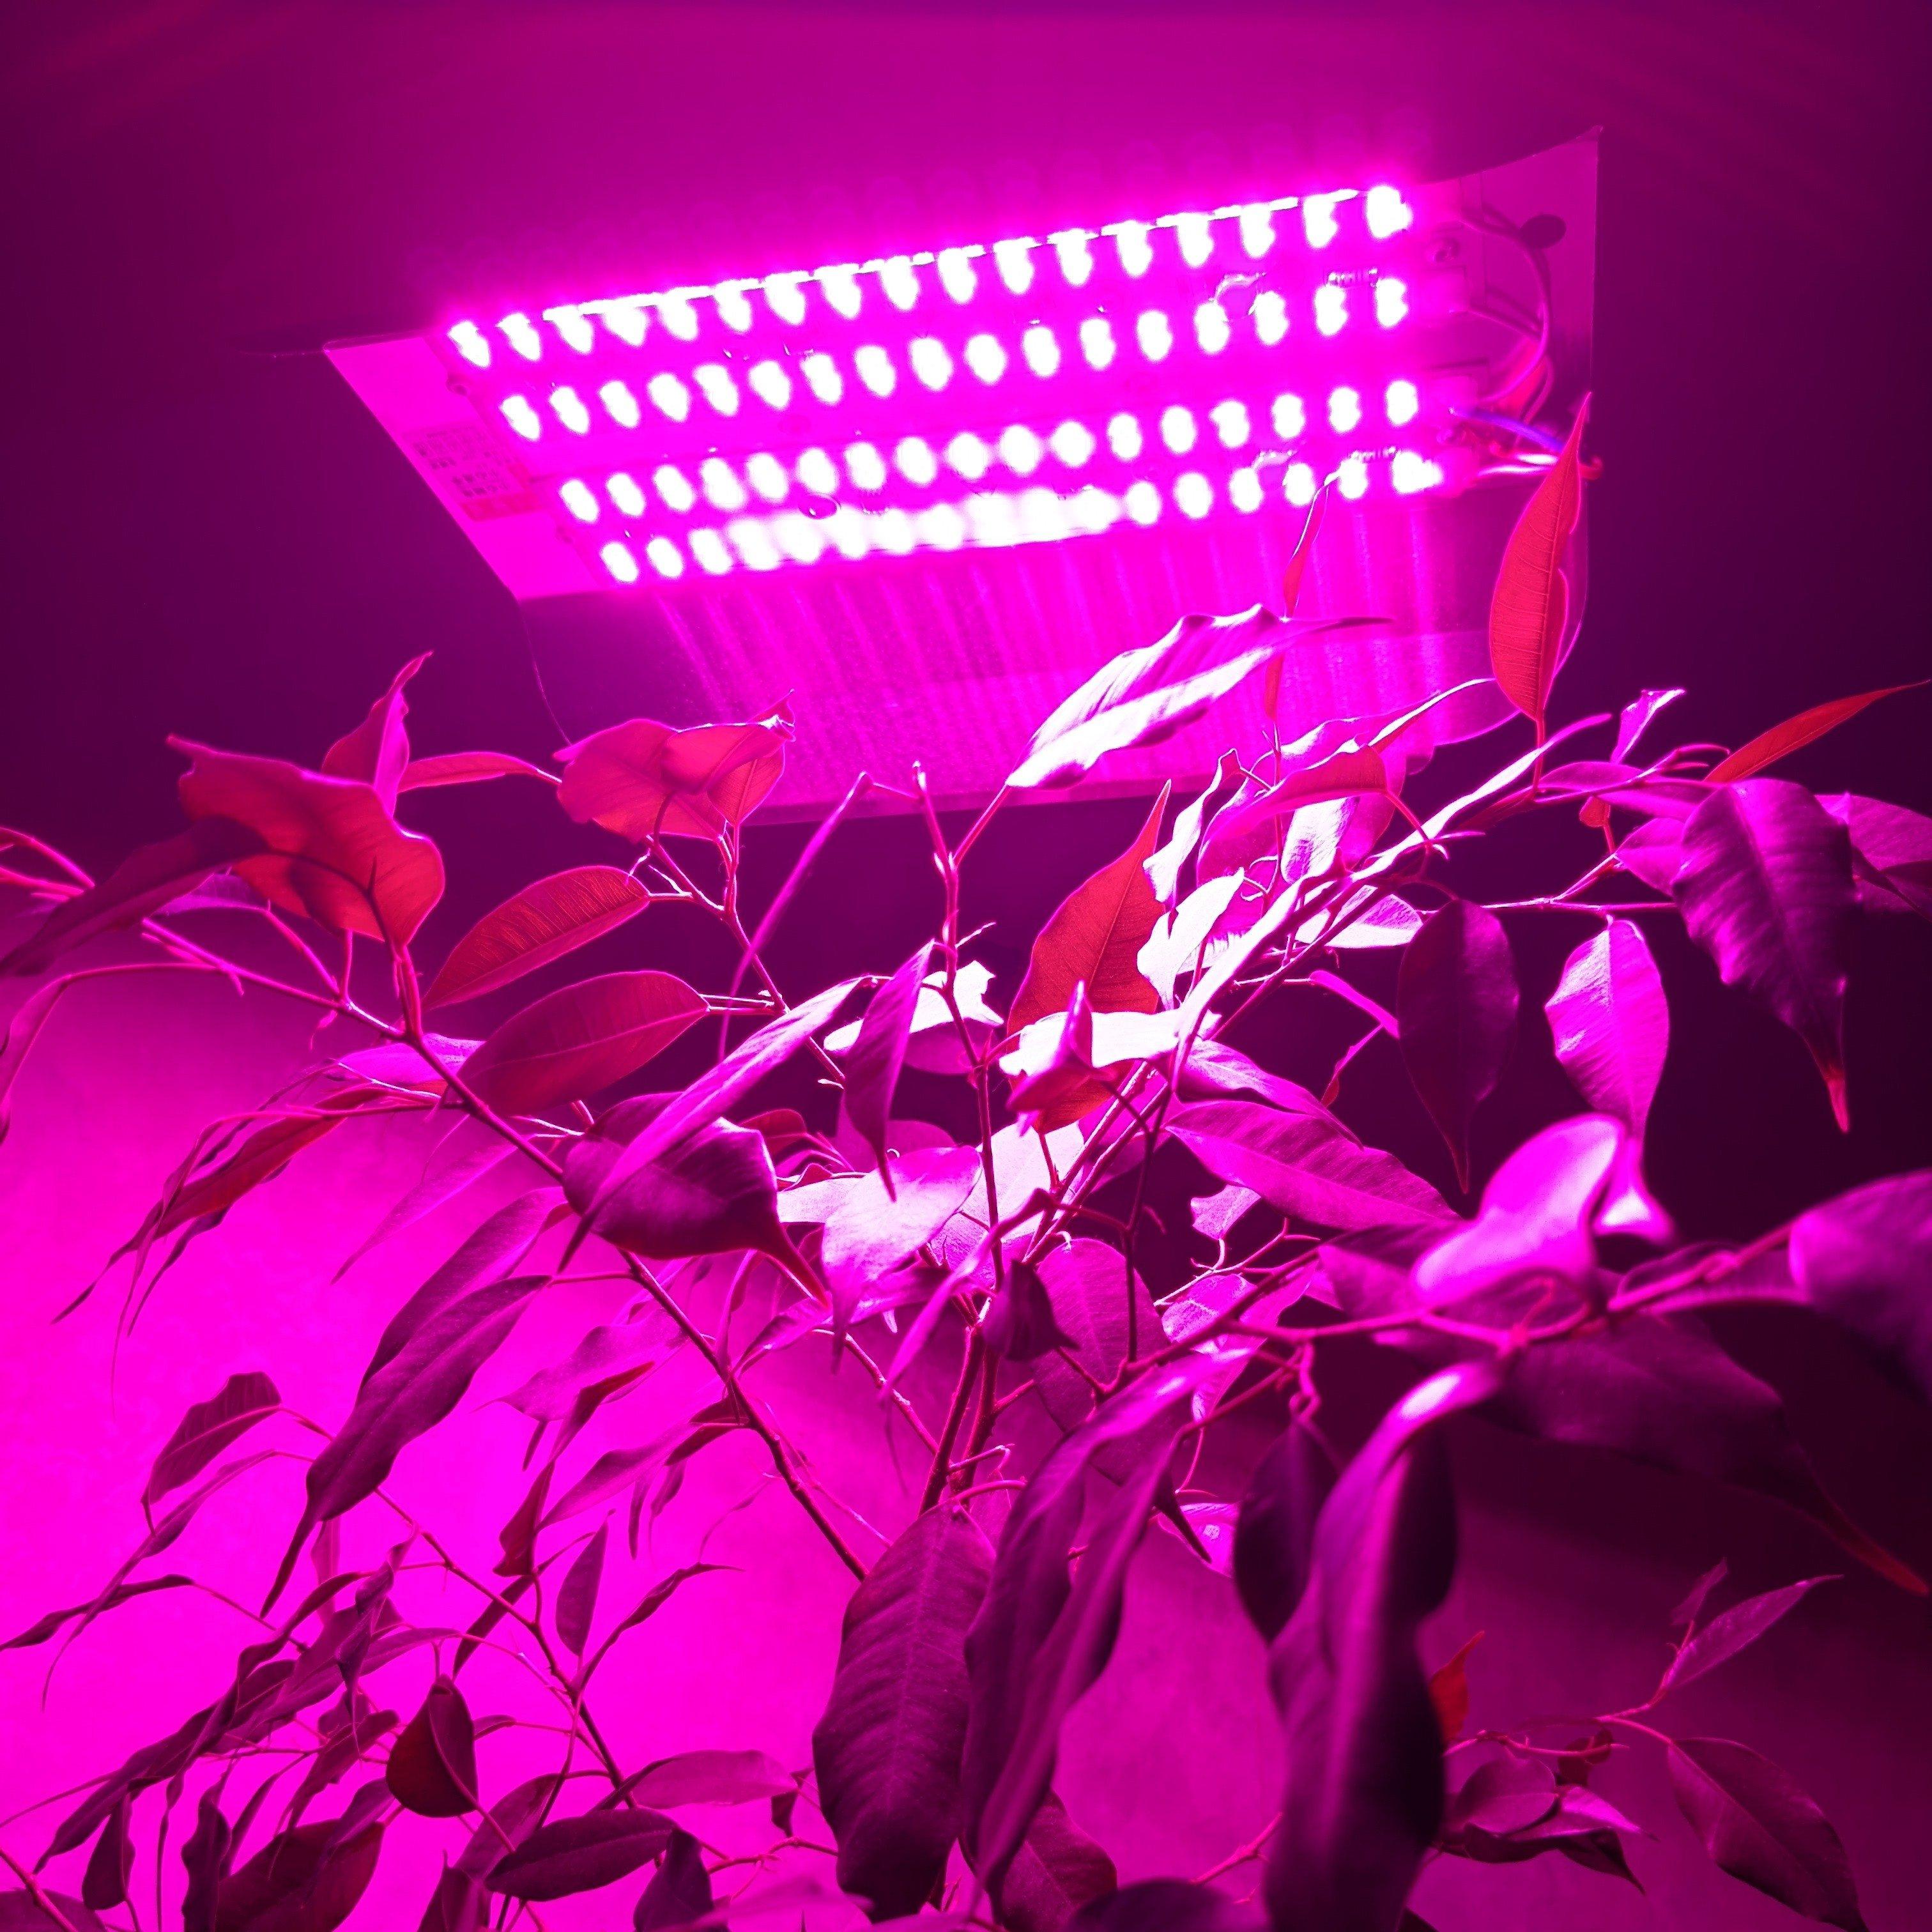 LED светильник для растений 60W 001014 купить в Украине, Харькове, Киеве по доступной цене